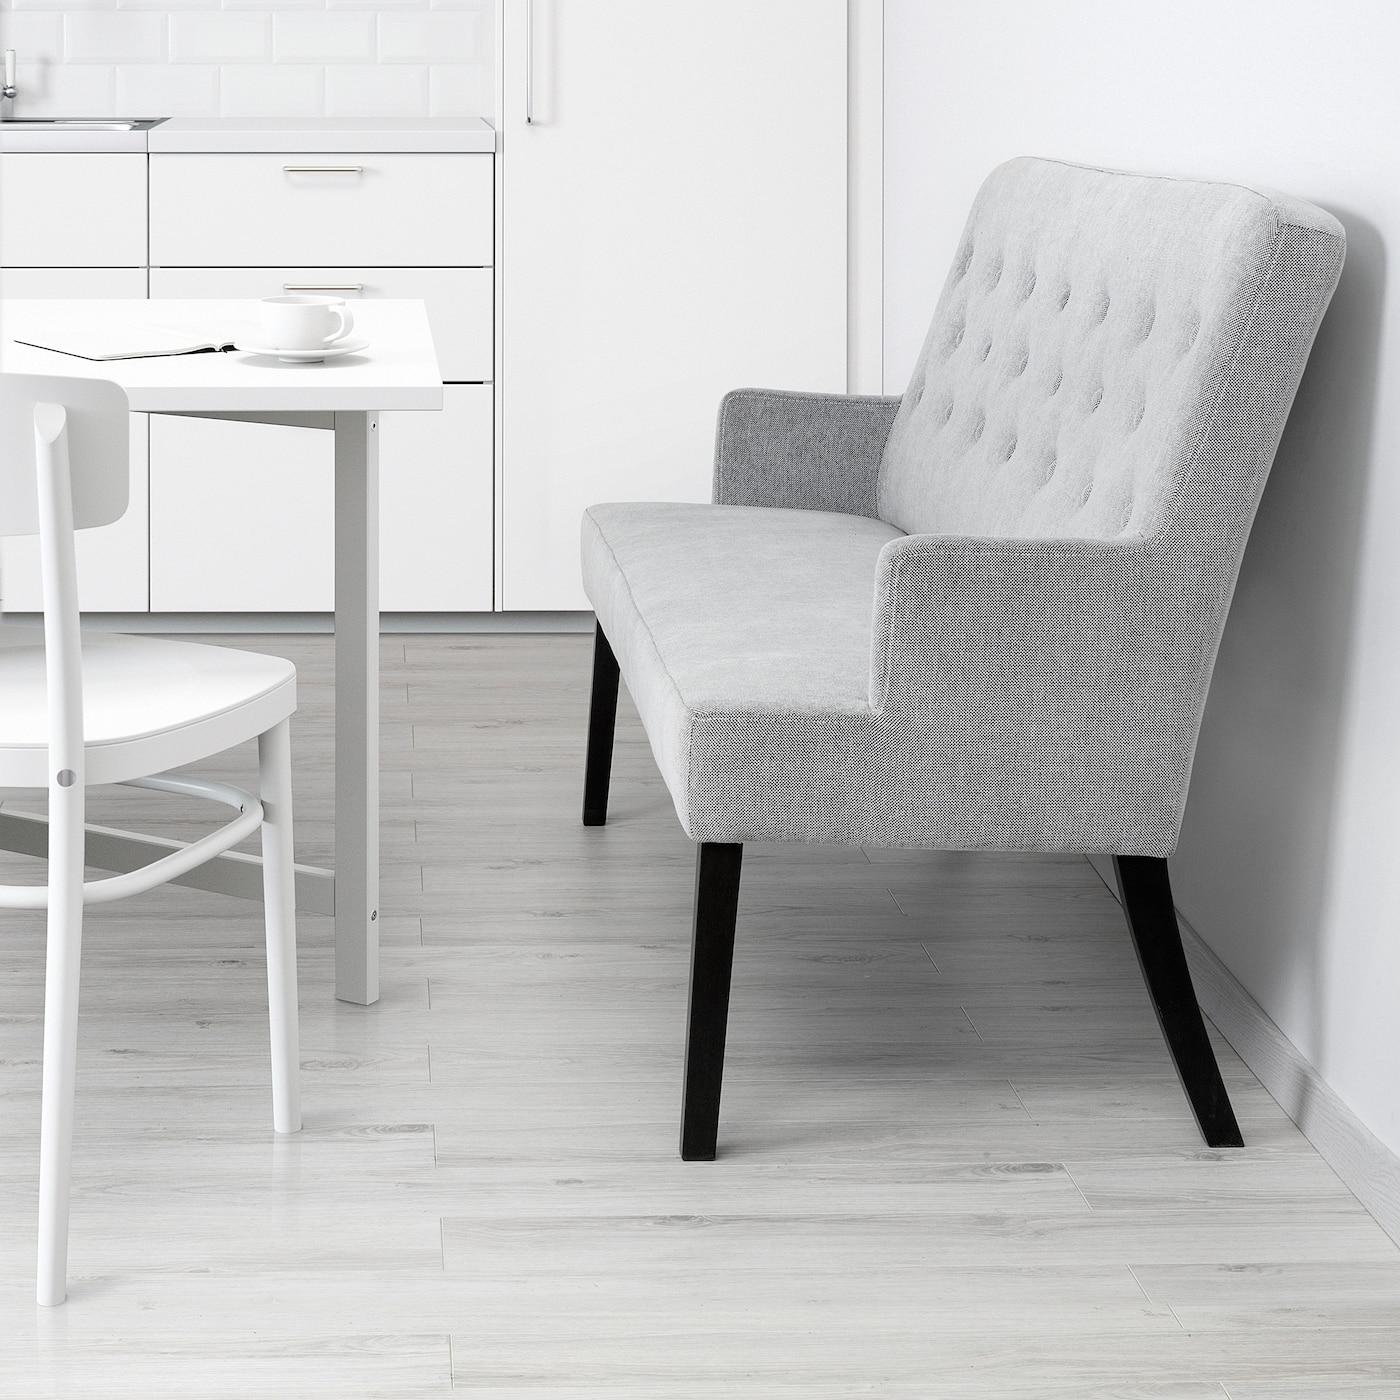 Svenarne Kuchenbank Gepolstert Tallmyra Weiss Schwarz Ikea Deutschland